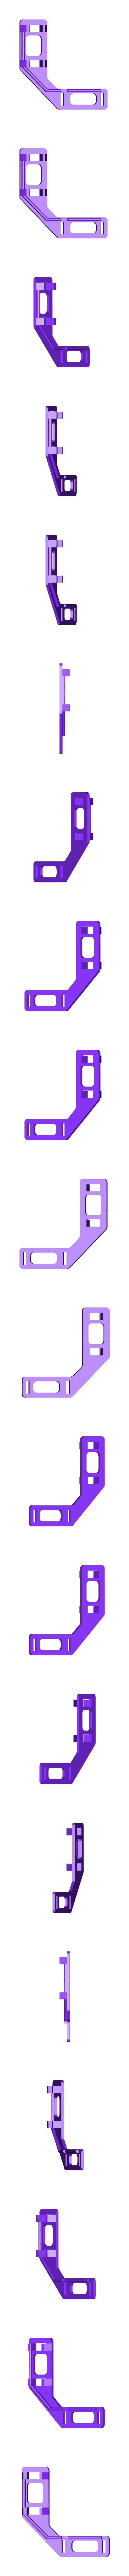 baseplate.stl Download free STL file Joystick PS4 • 3D print object, Osichan